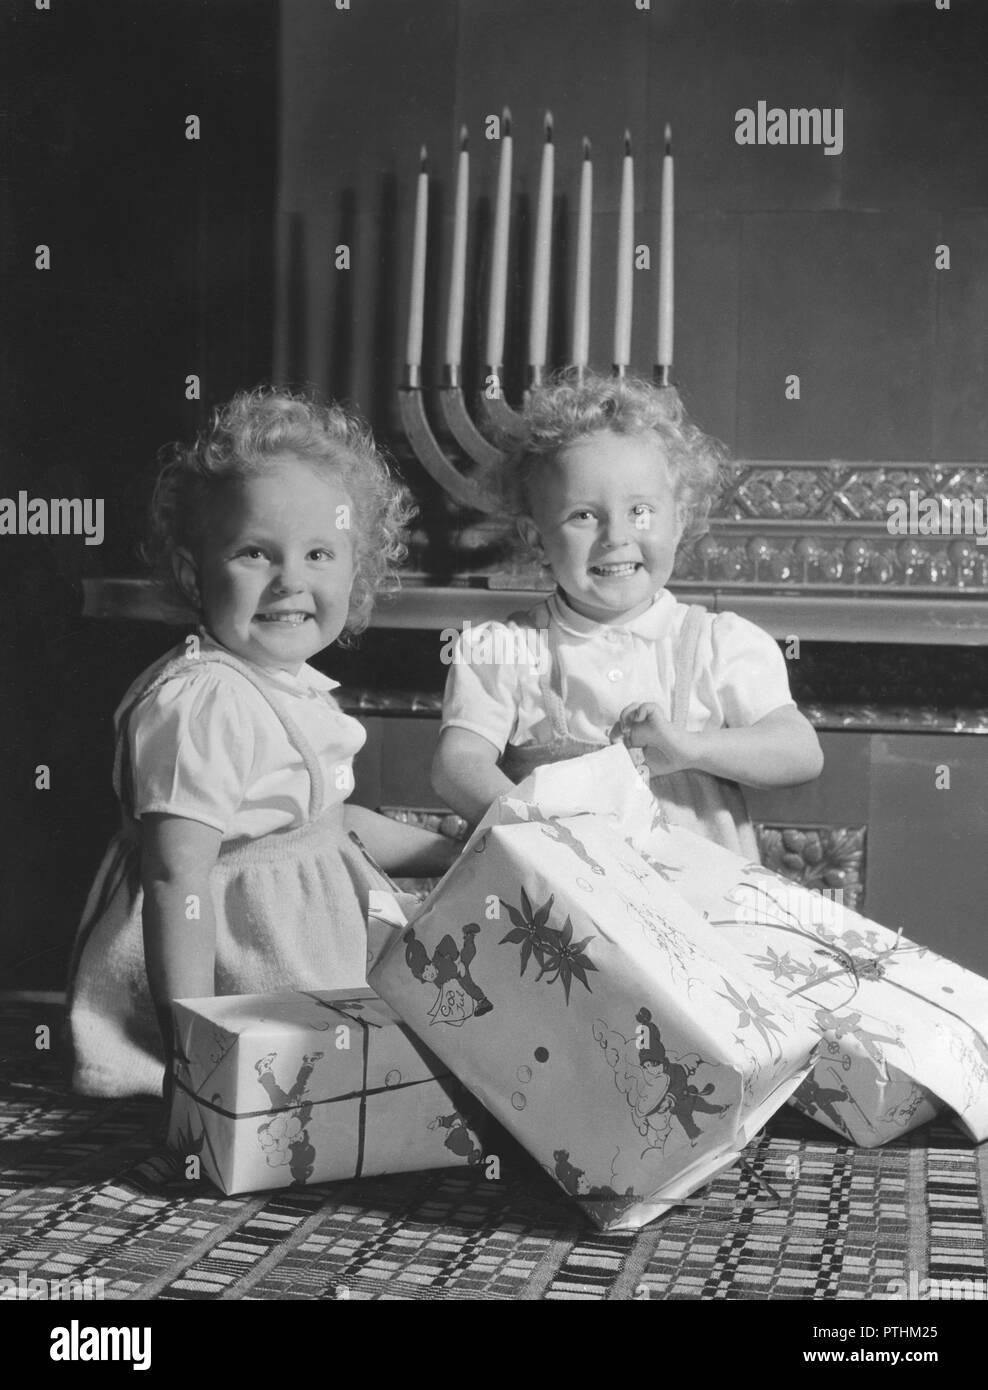 Weihnachtsgeschenke In Schweden.Weihnachten In Den 1950er Jahren Ein Paar Der Mädchen öffnen Ihre